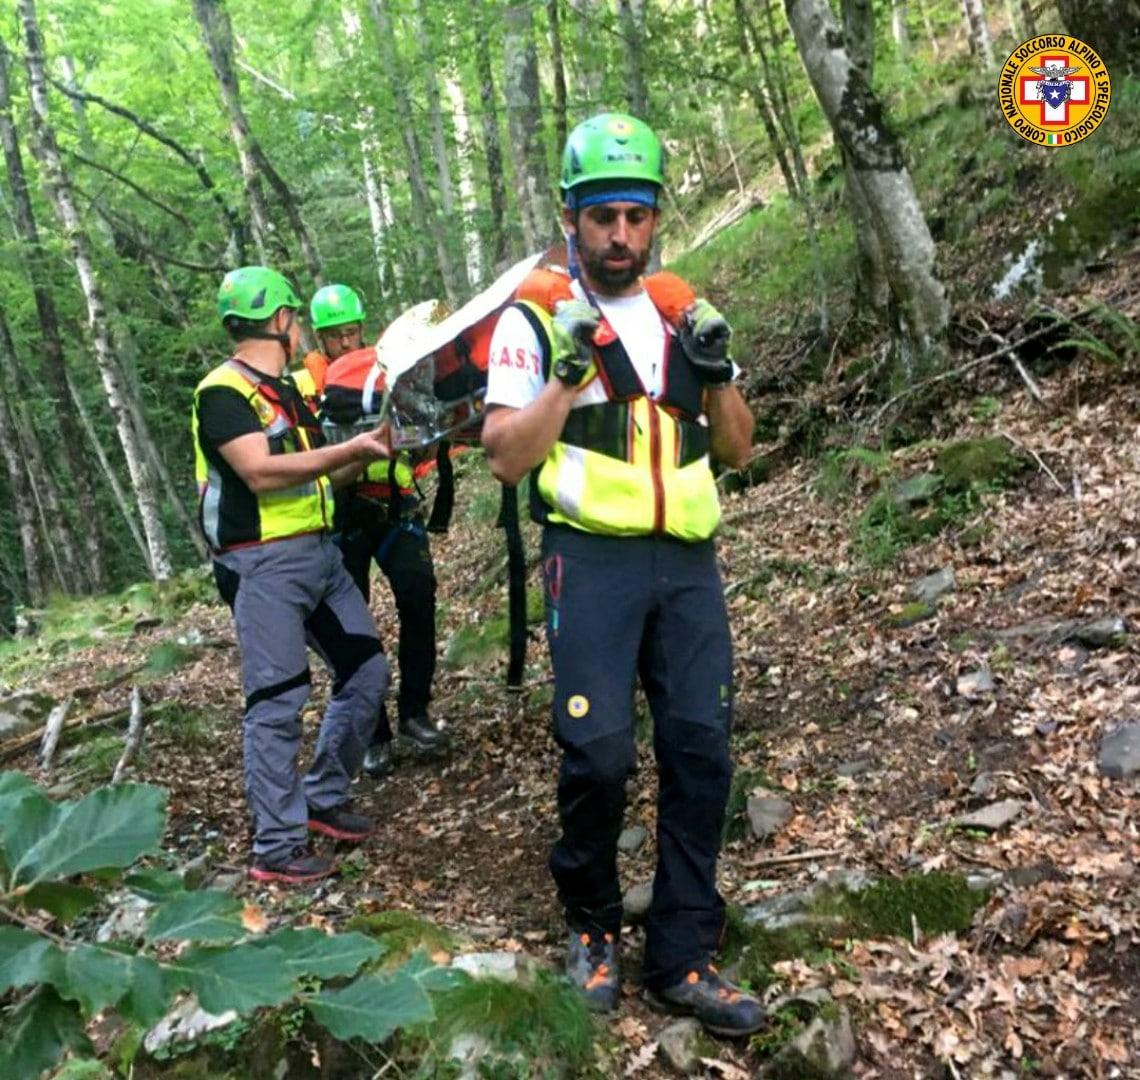 La Stazione Monte Falterona attivata per un escursionista infortunata alla Cascate di Meriggioni - Reggello